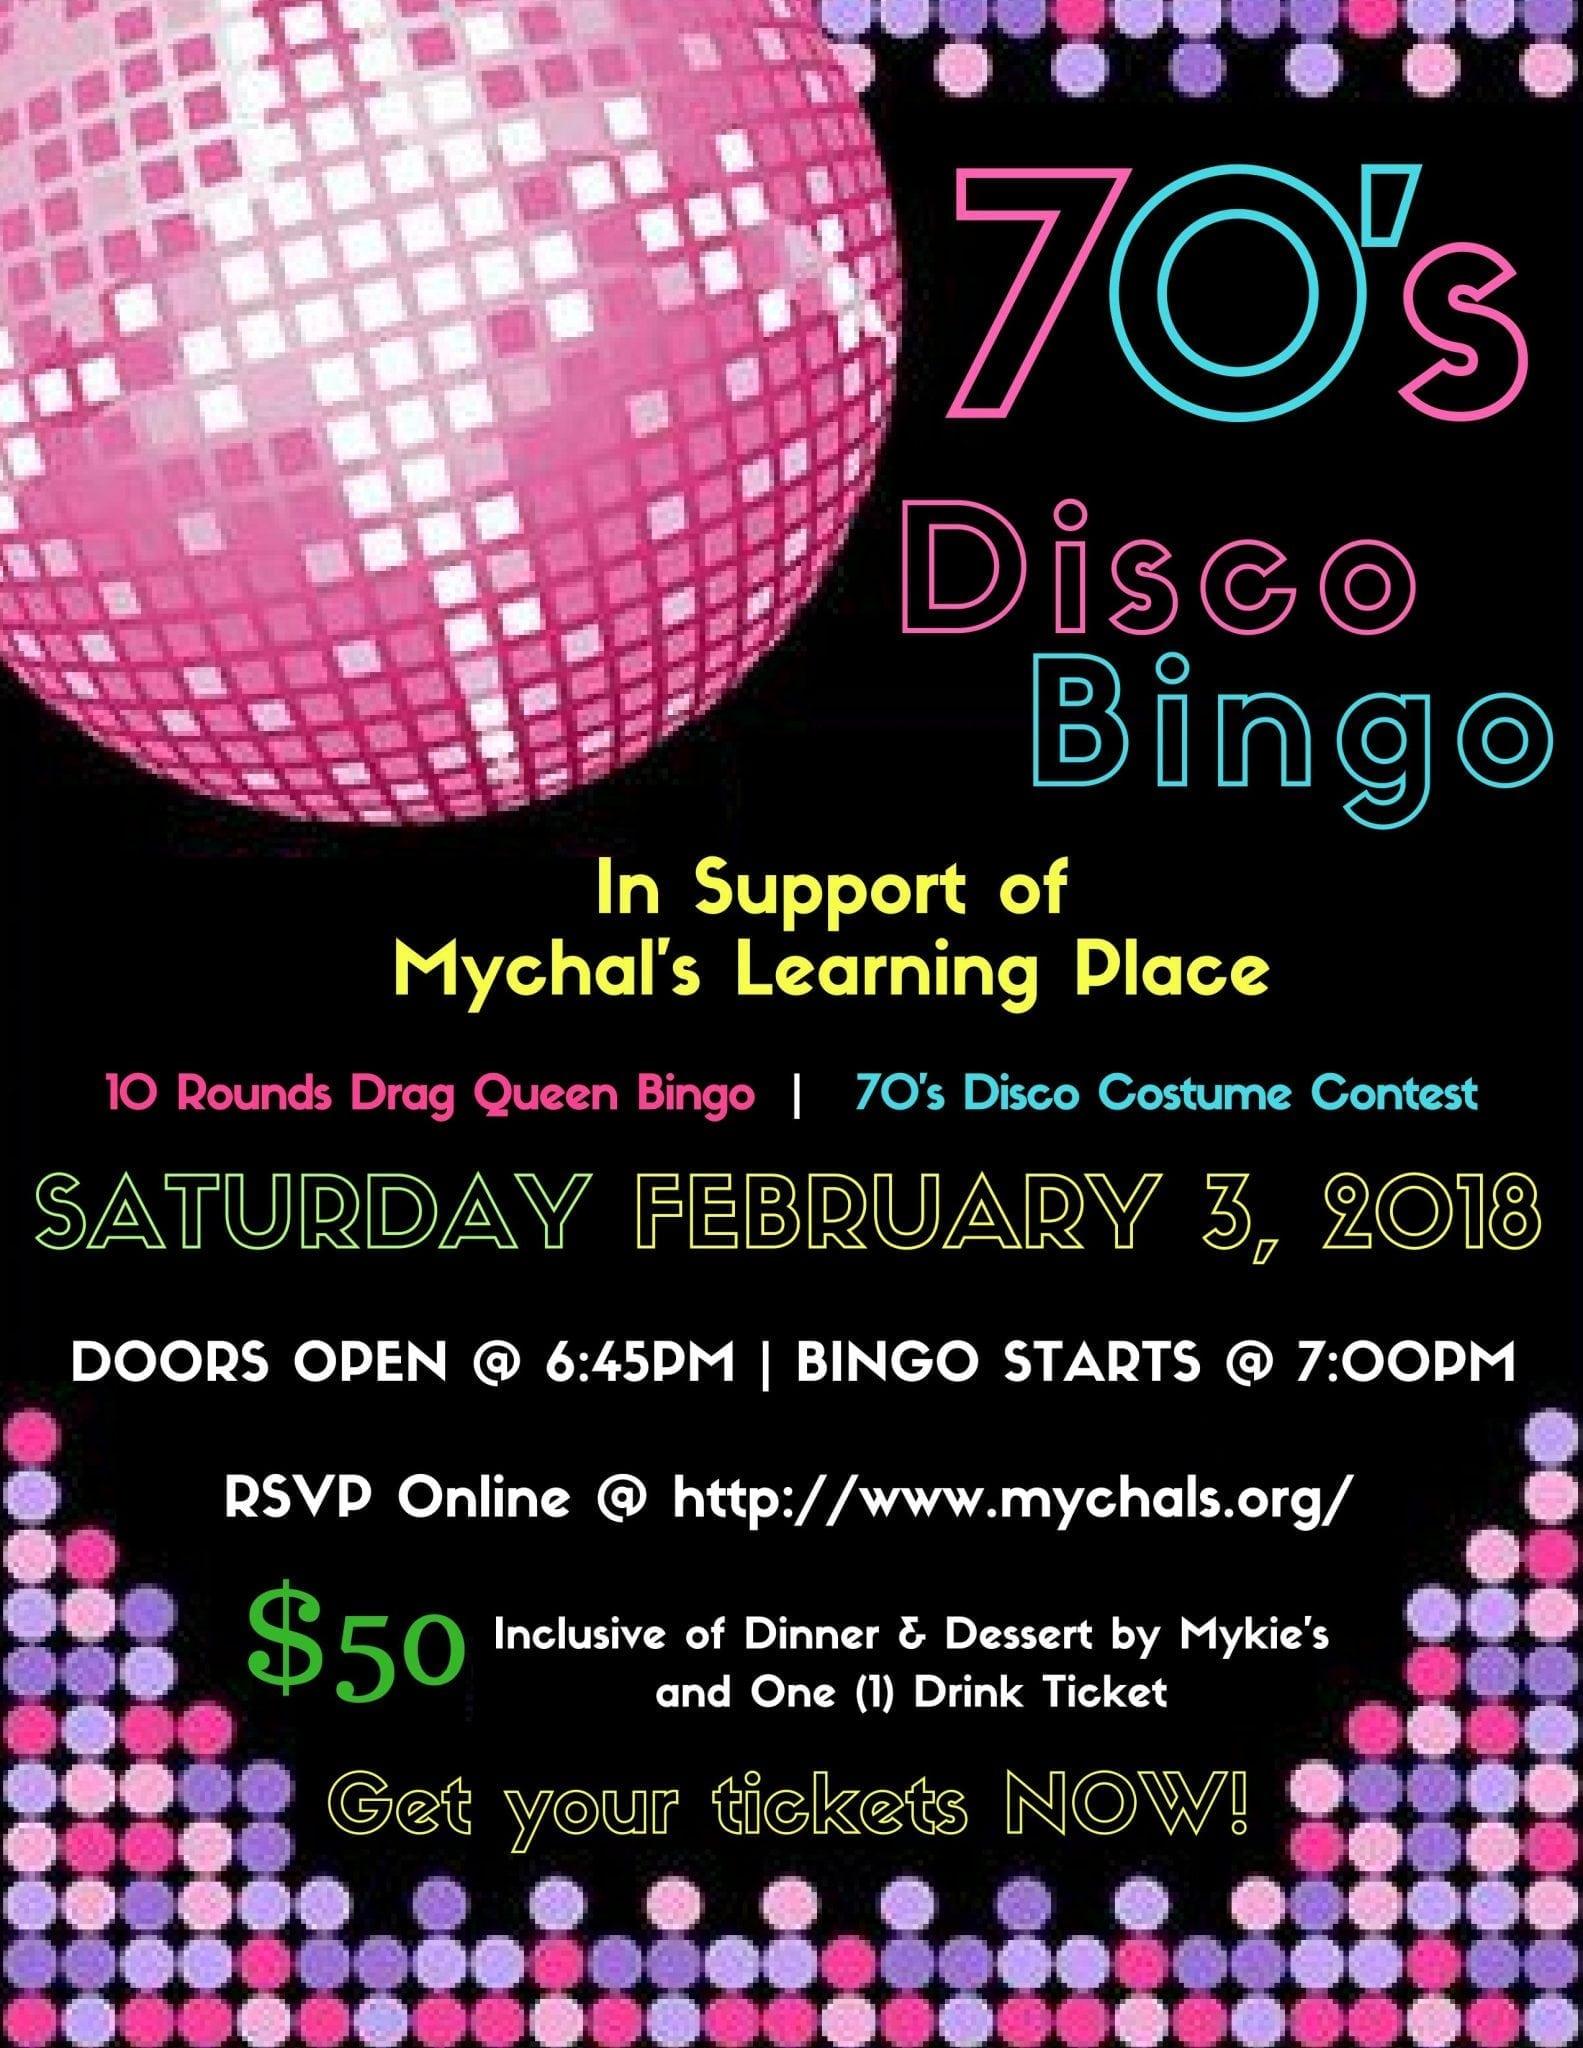 70s Disco Legendary Bingo